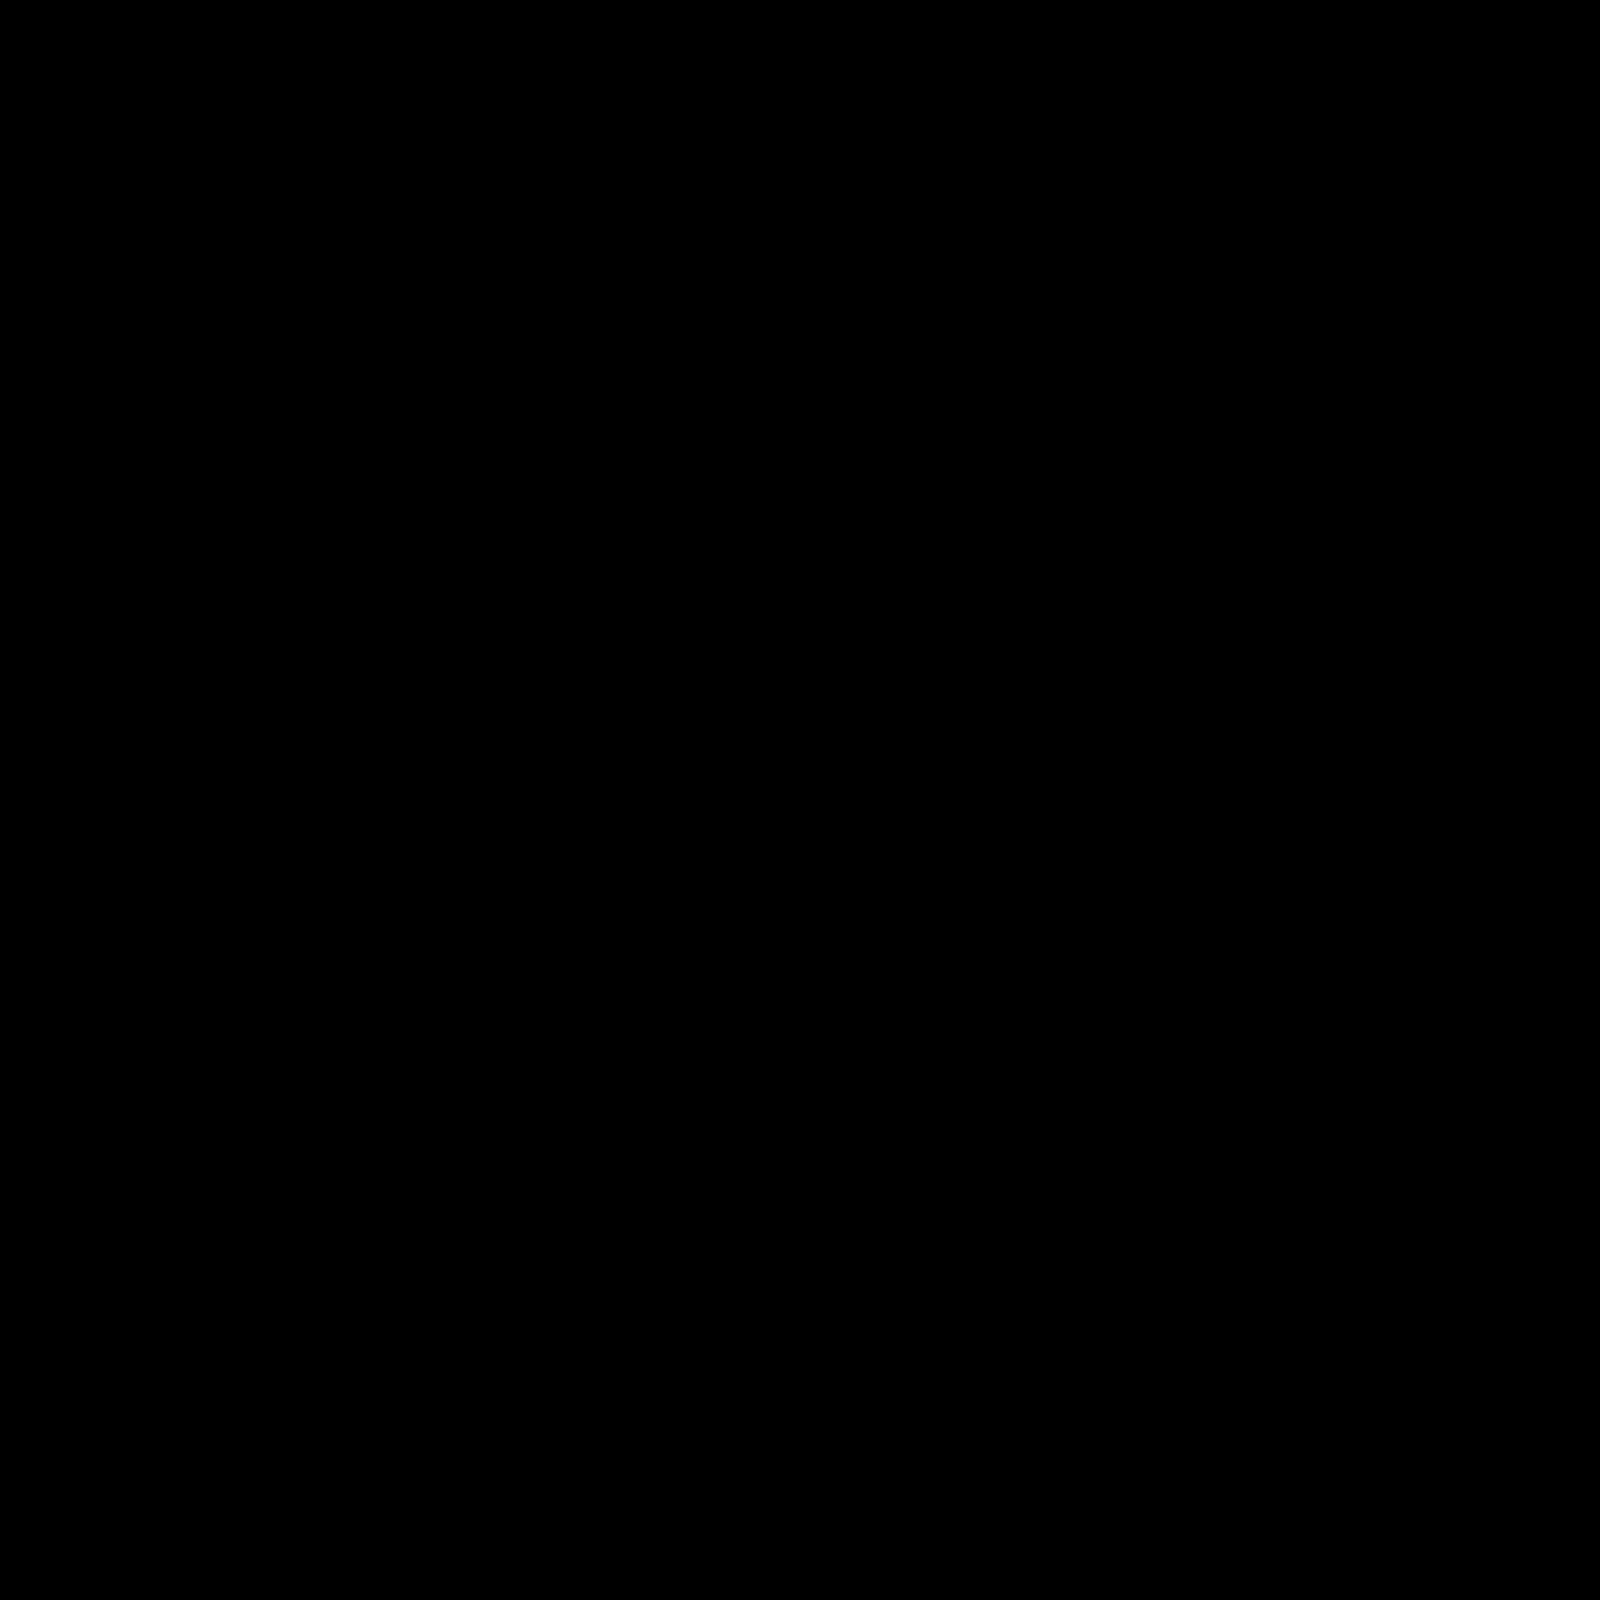 Hatena Lesezeichen icon